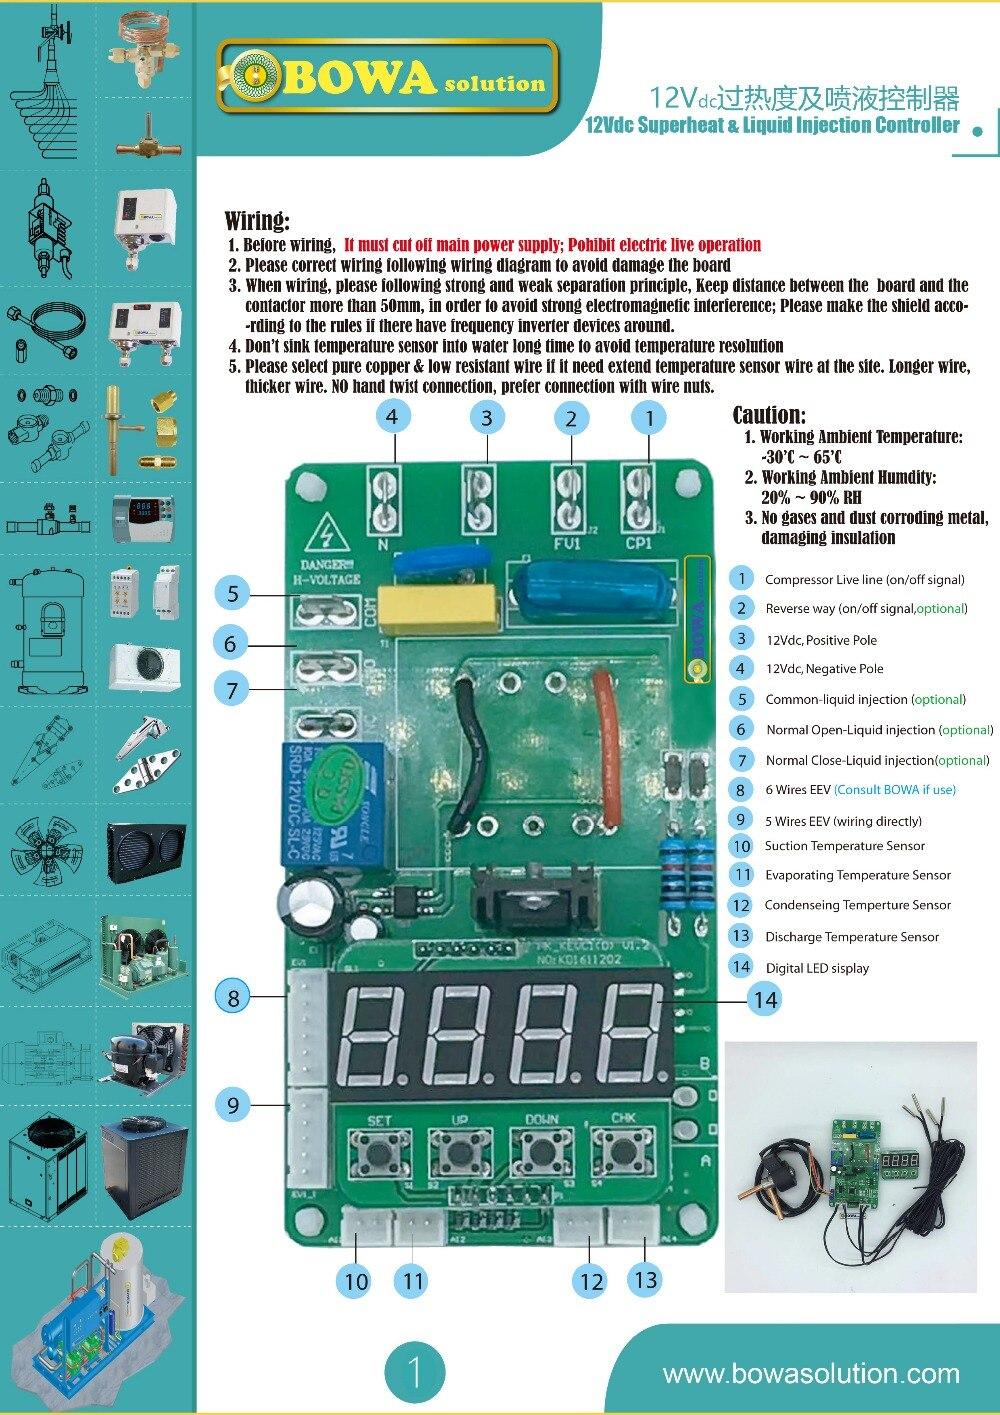 Tapette a moustique electrique LED Tapette a mouche Raquette de tennis electr 1U